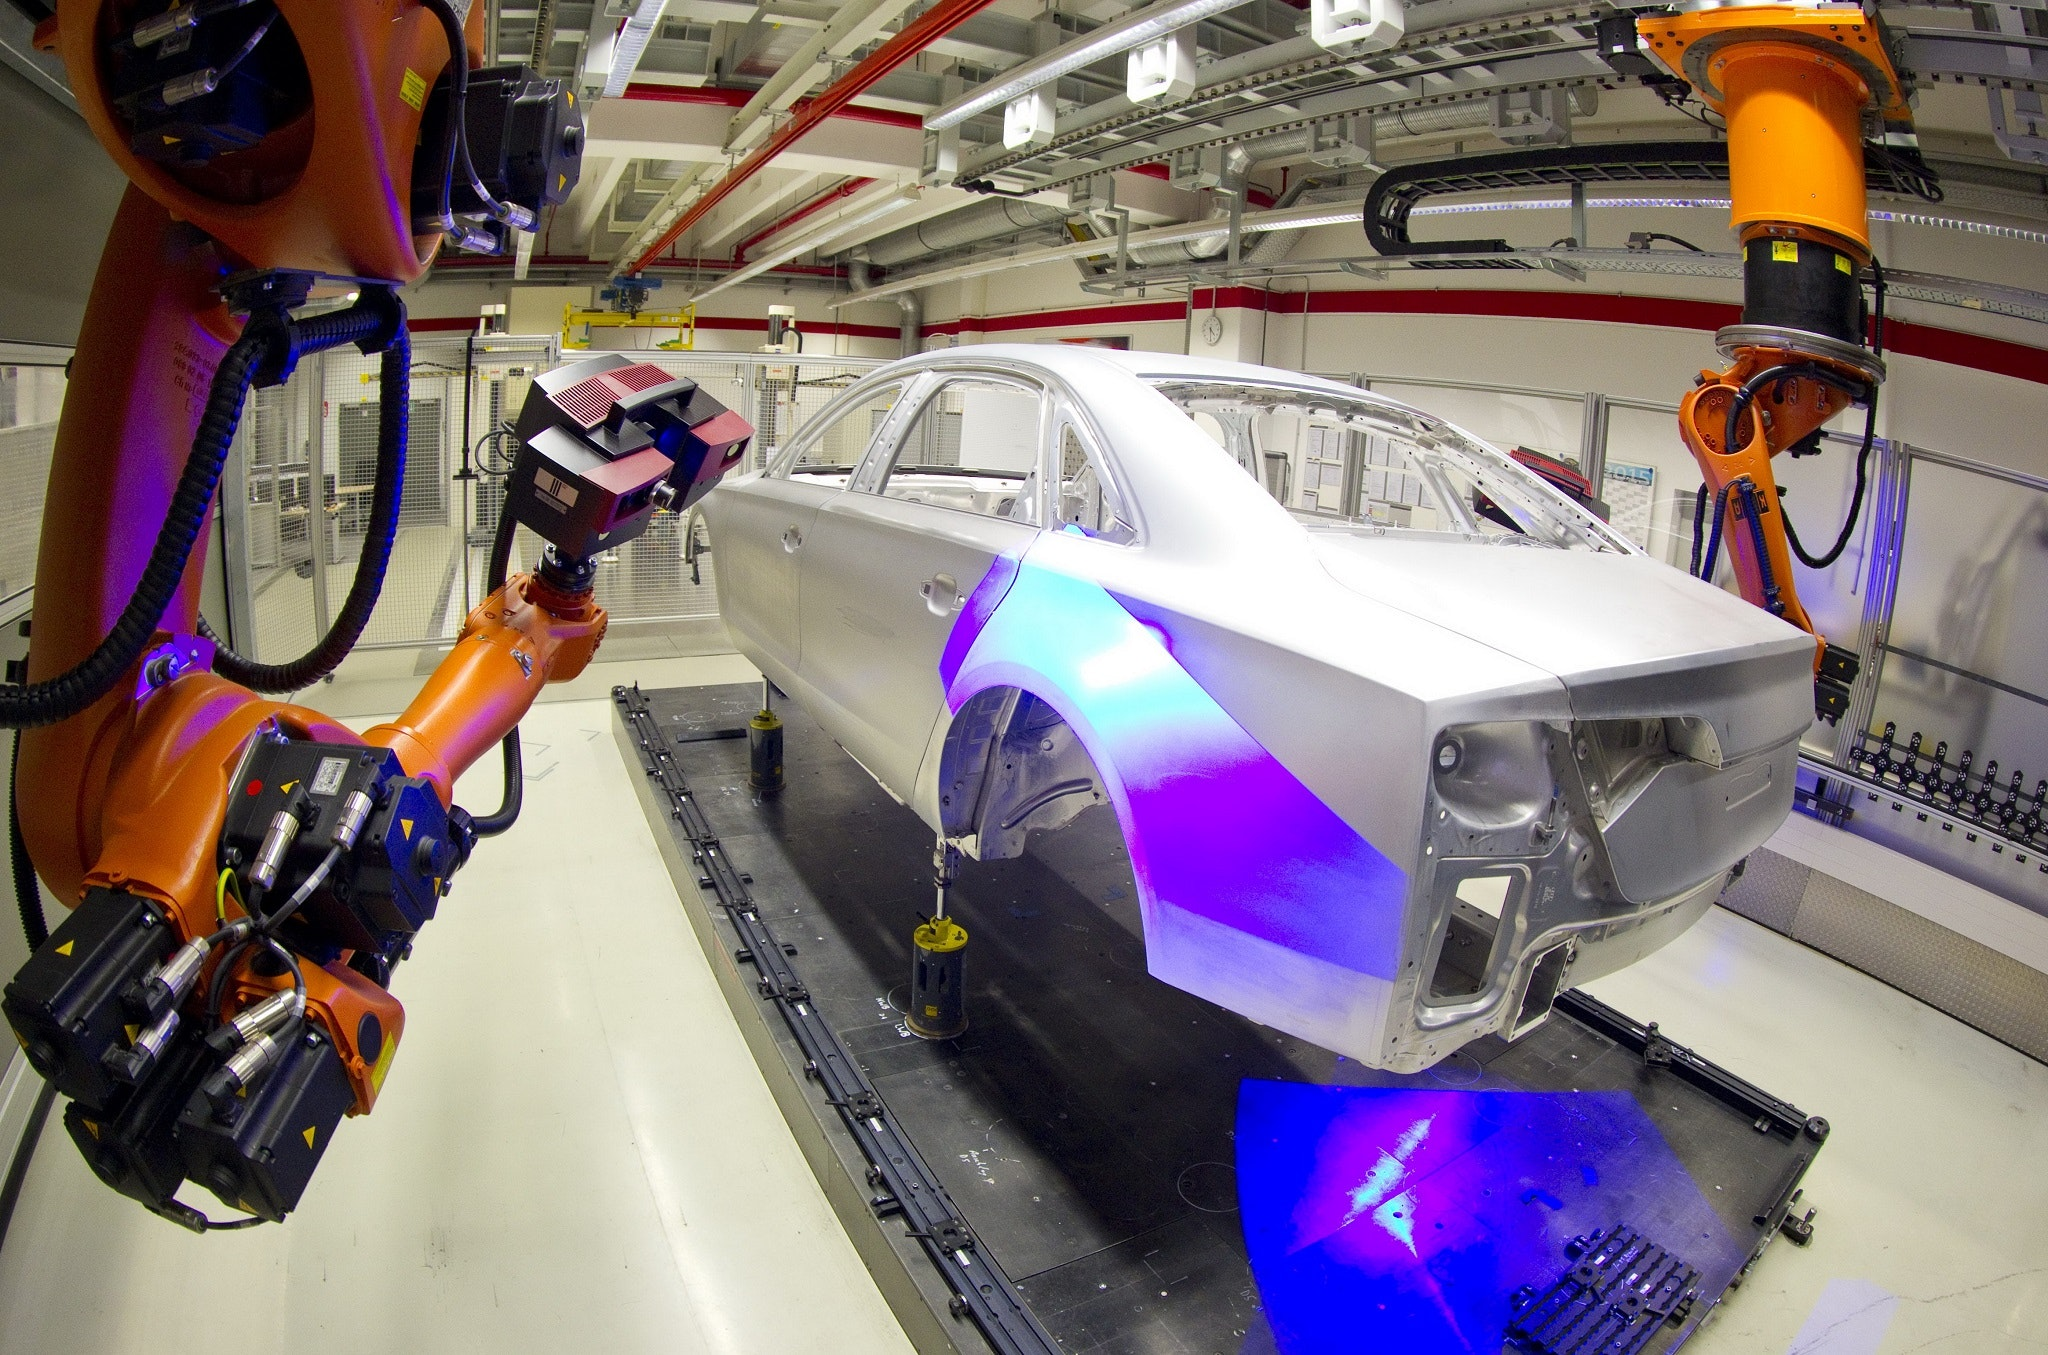 Audi Laat Elektrische Terreinwagen Voor Wereldmarkt In Belgie Produceren